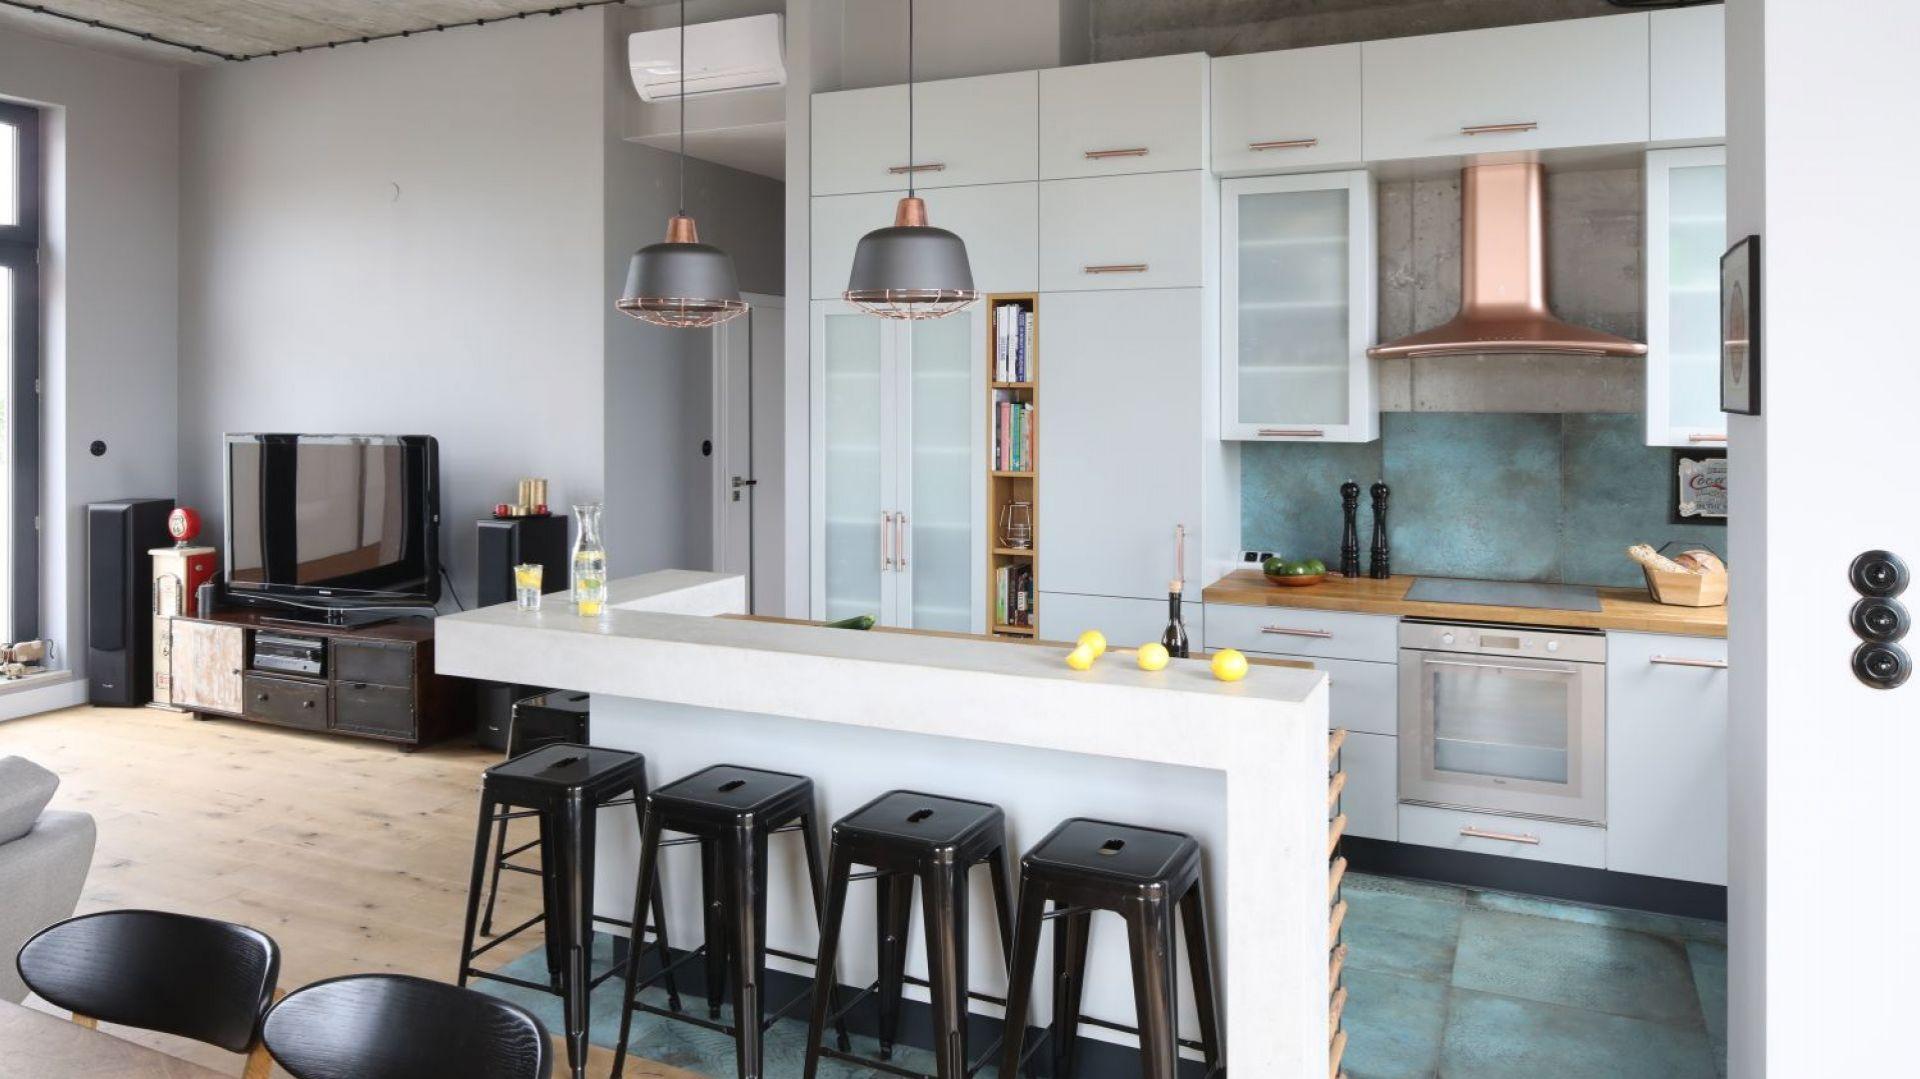 Salon połączony z kuchnią i jadalnią. Projekt: Maciejka Peszyńska-Drews. Fot. Bartosz Jarosz